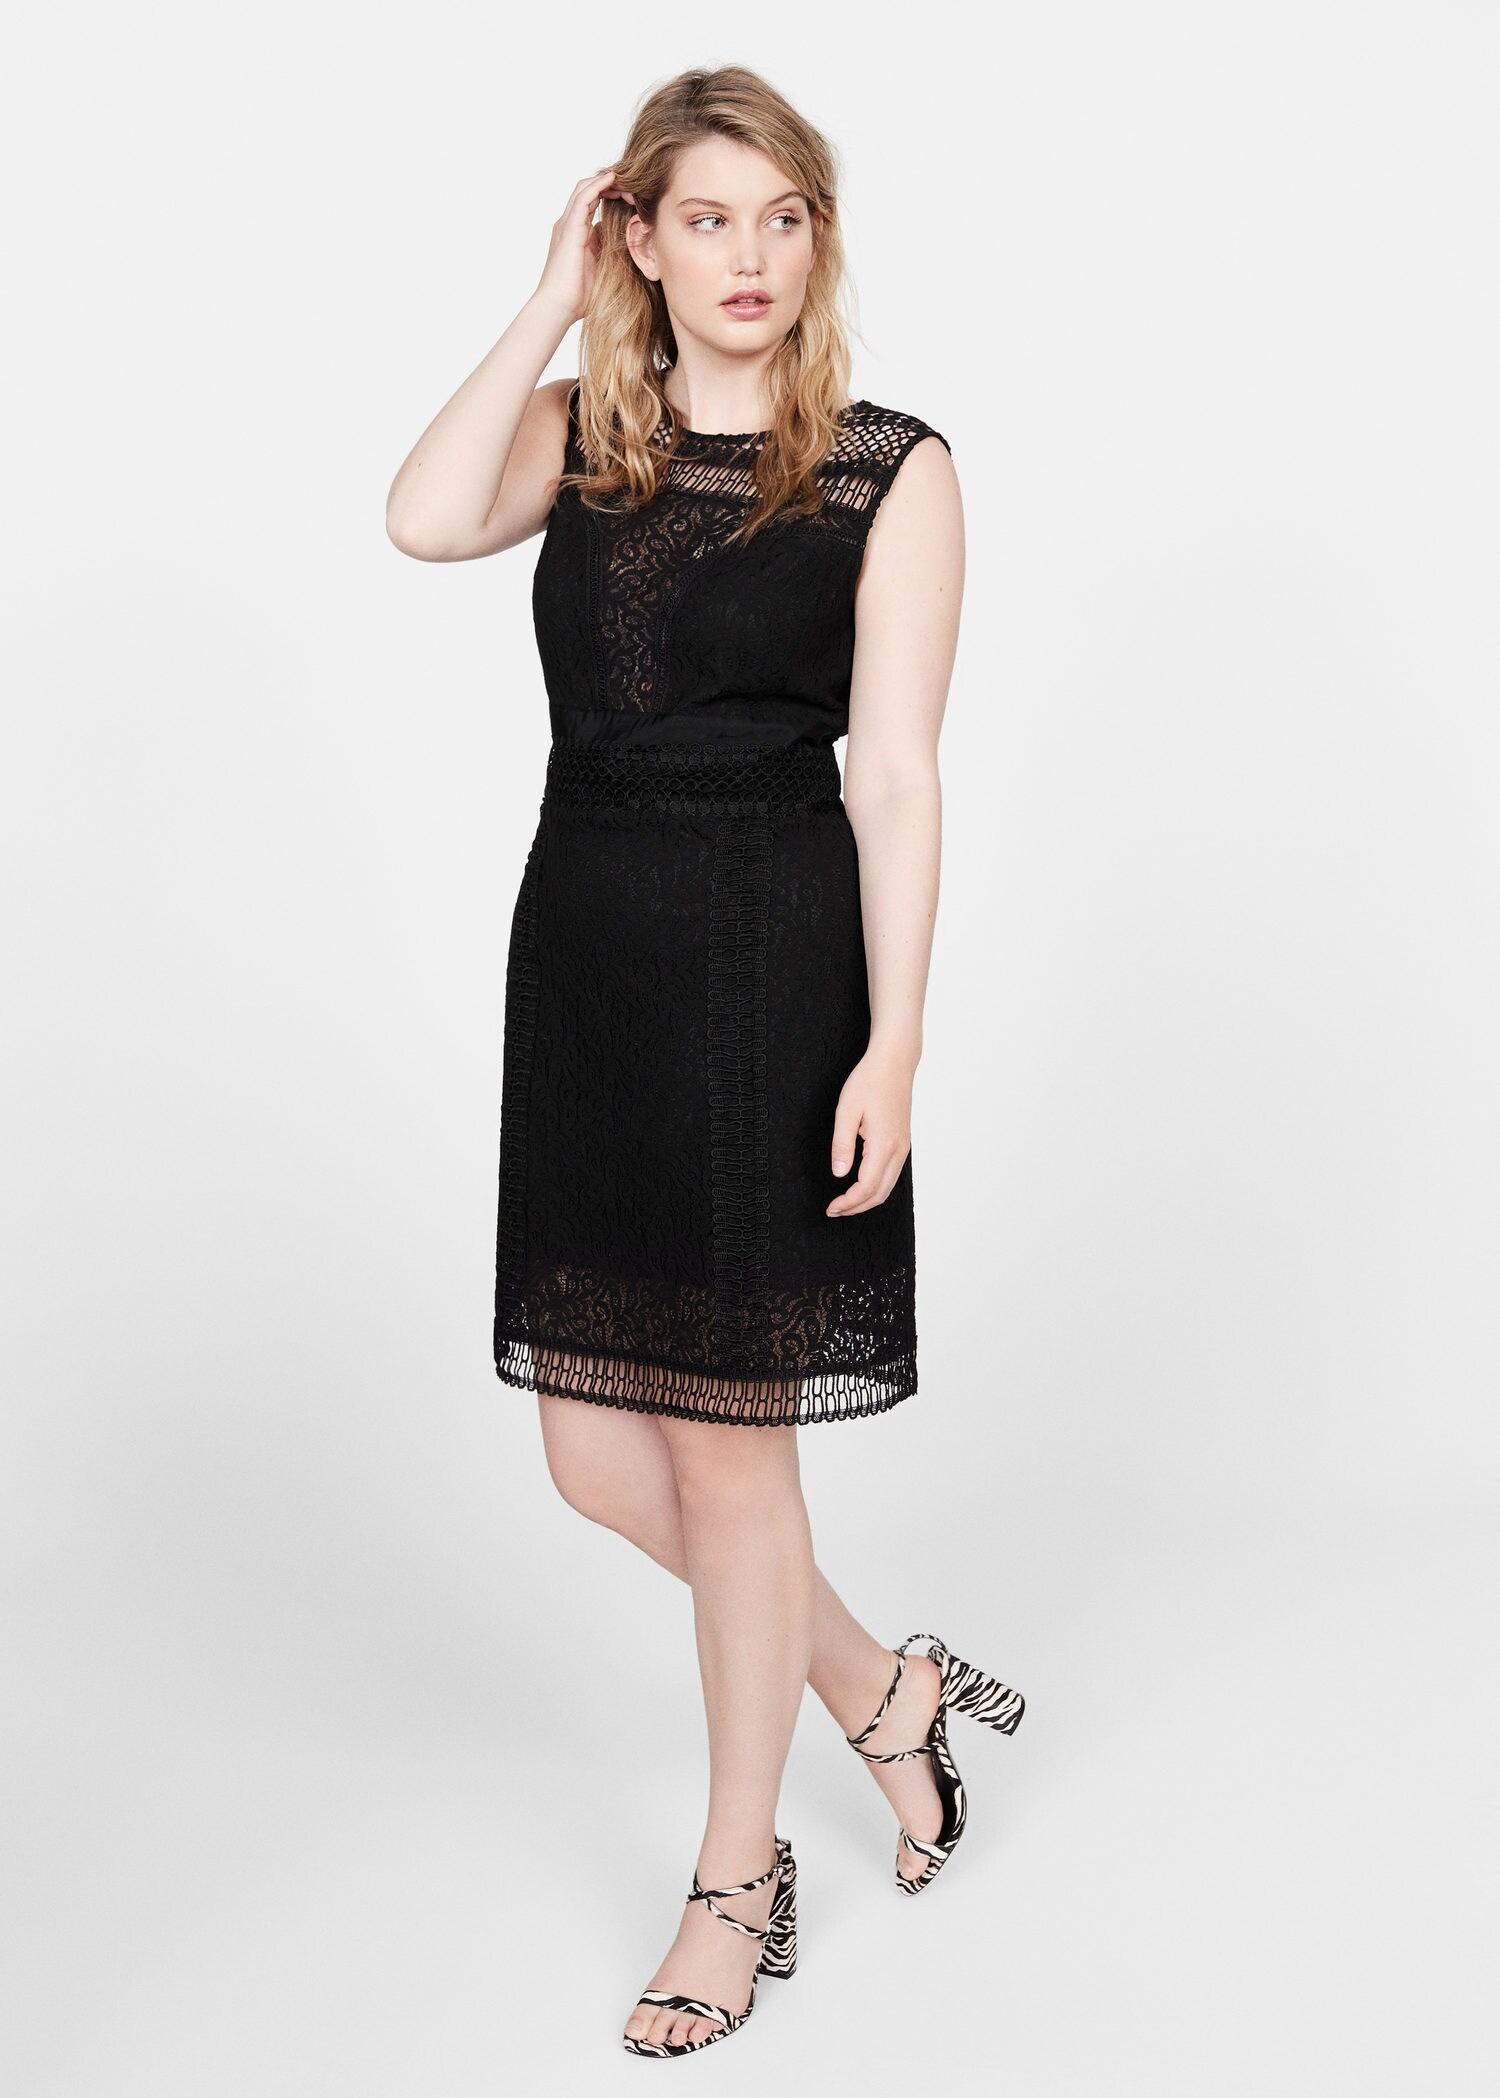 Kleine schwarze Kleider Trends Damen